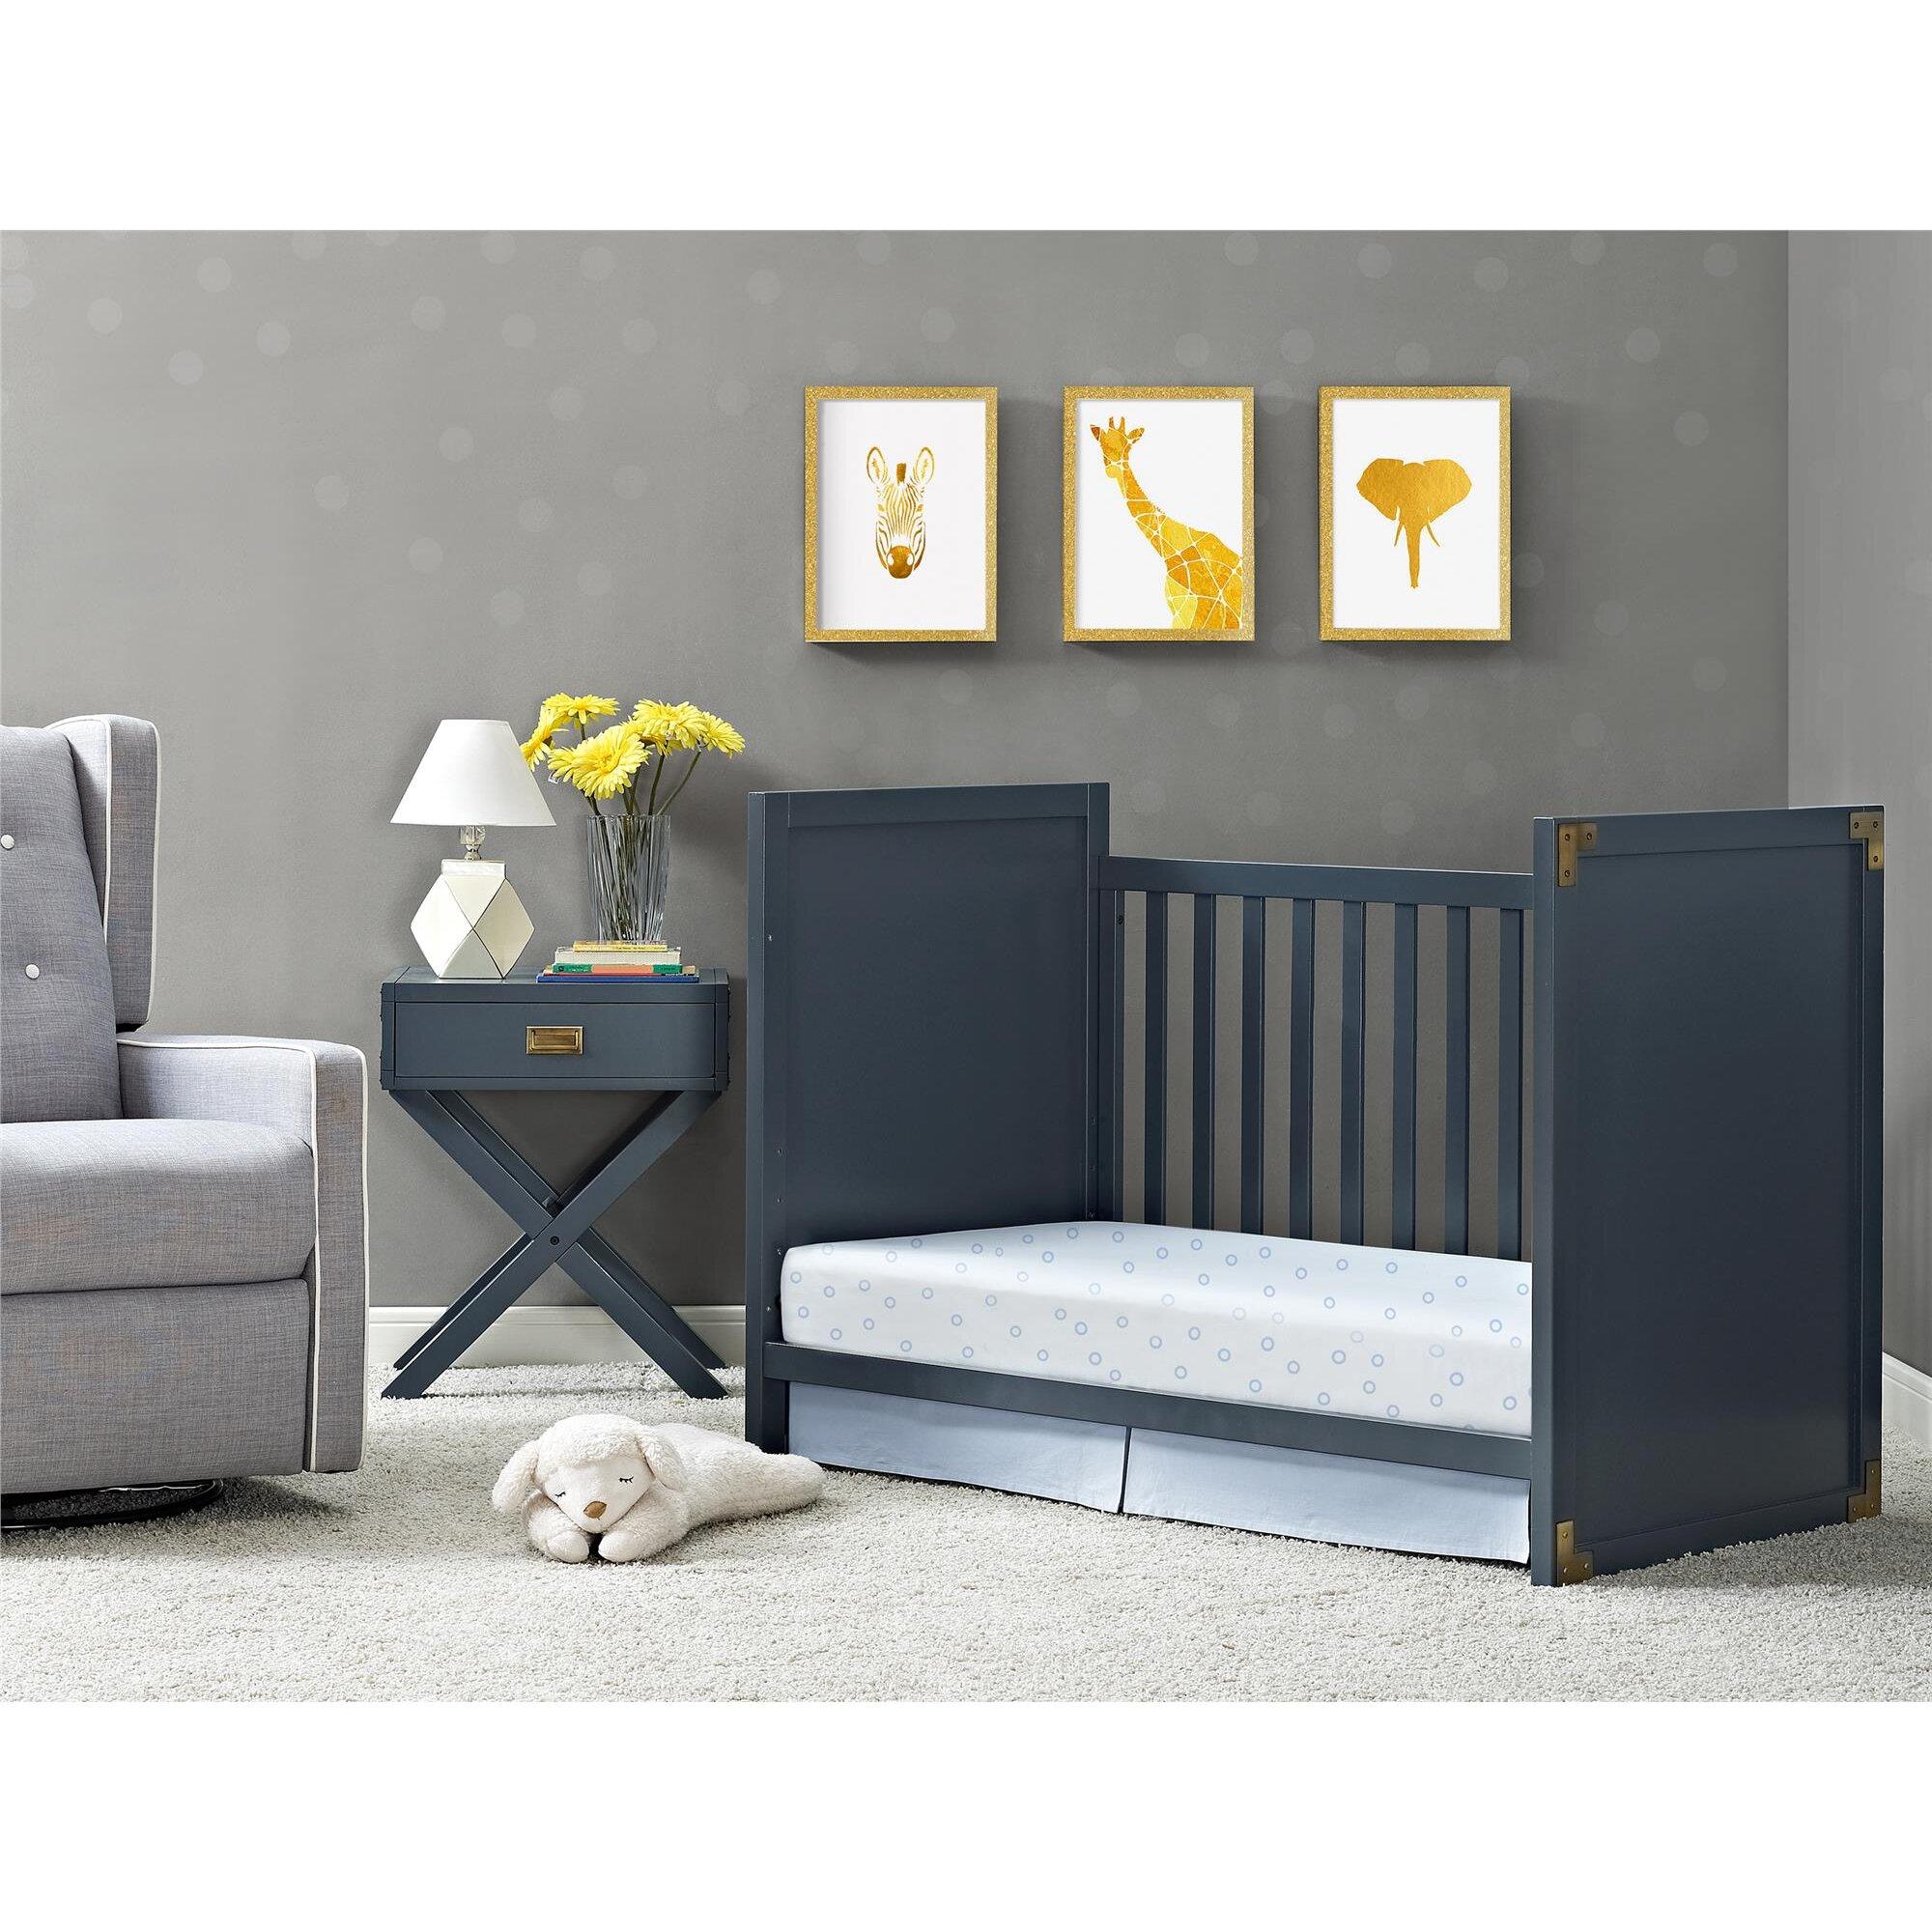 Emma iron crib for sale - Bria 2 In 1 Convertible Crib